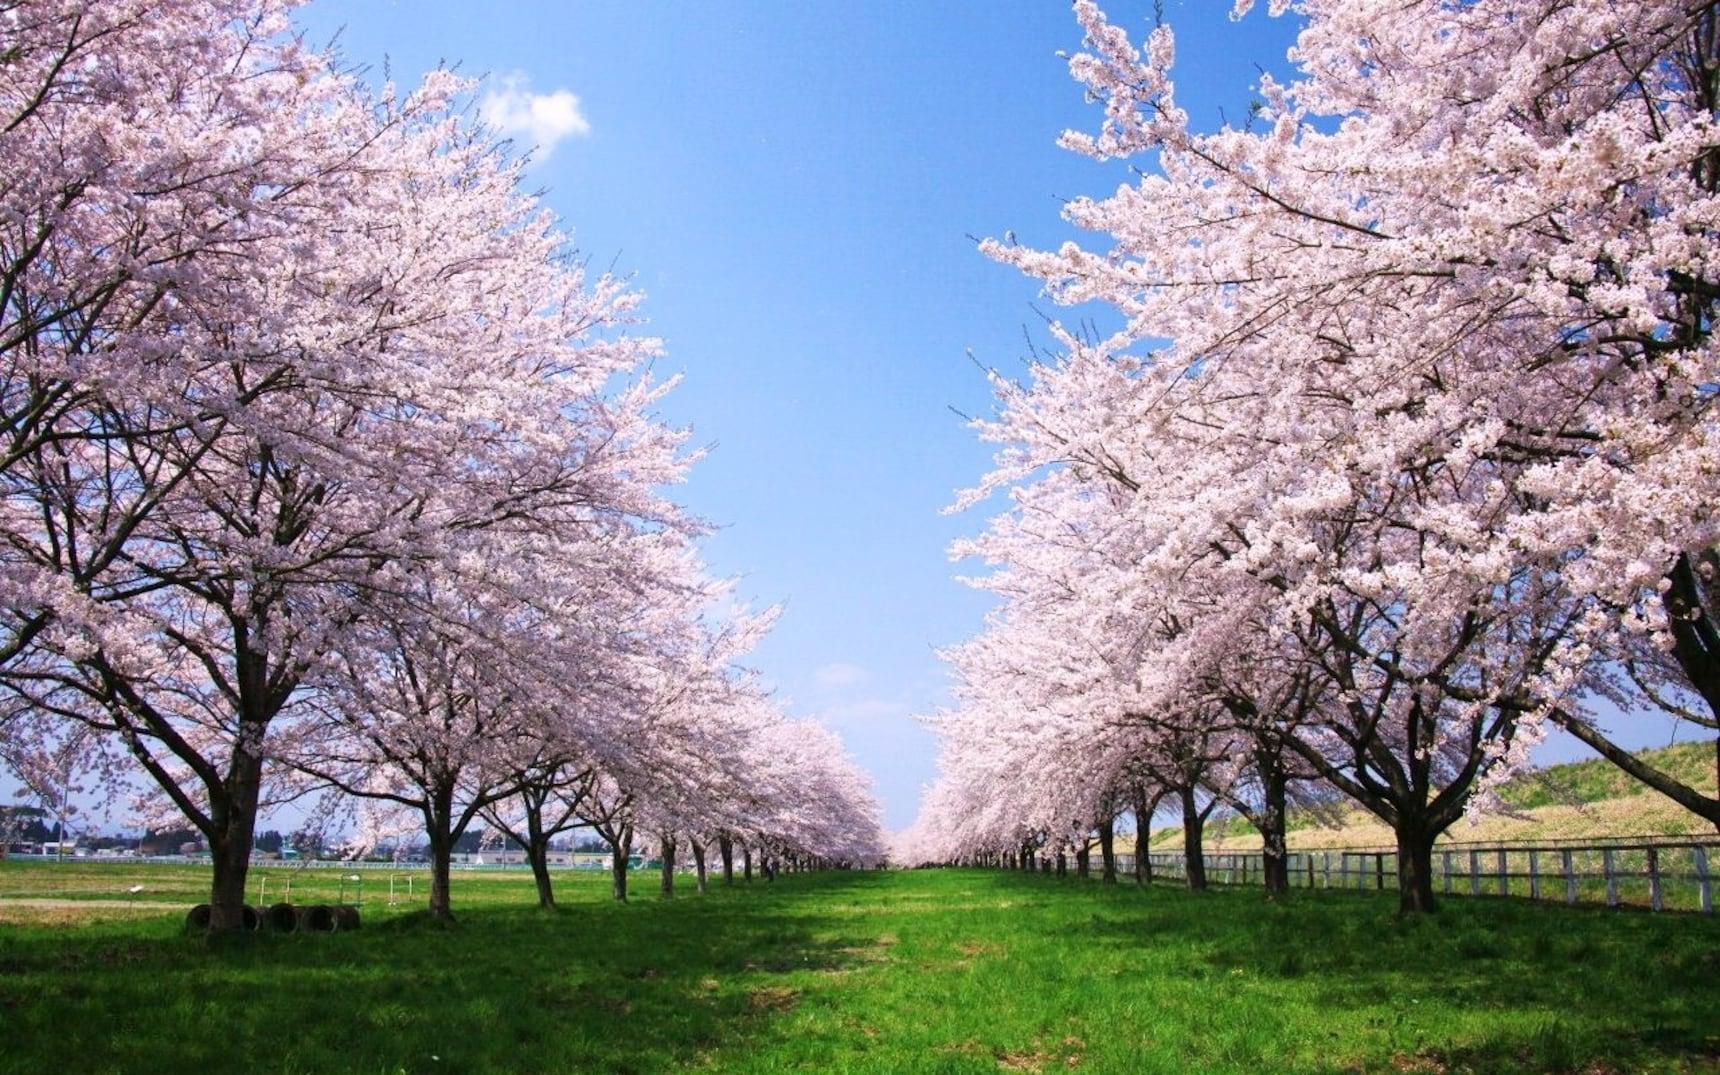 领略日本五大名樱的风采